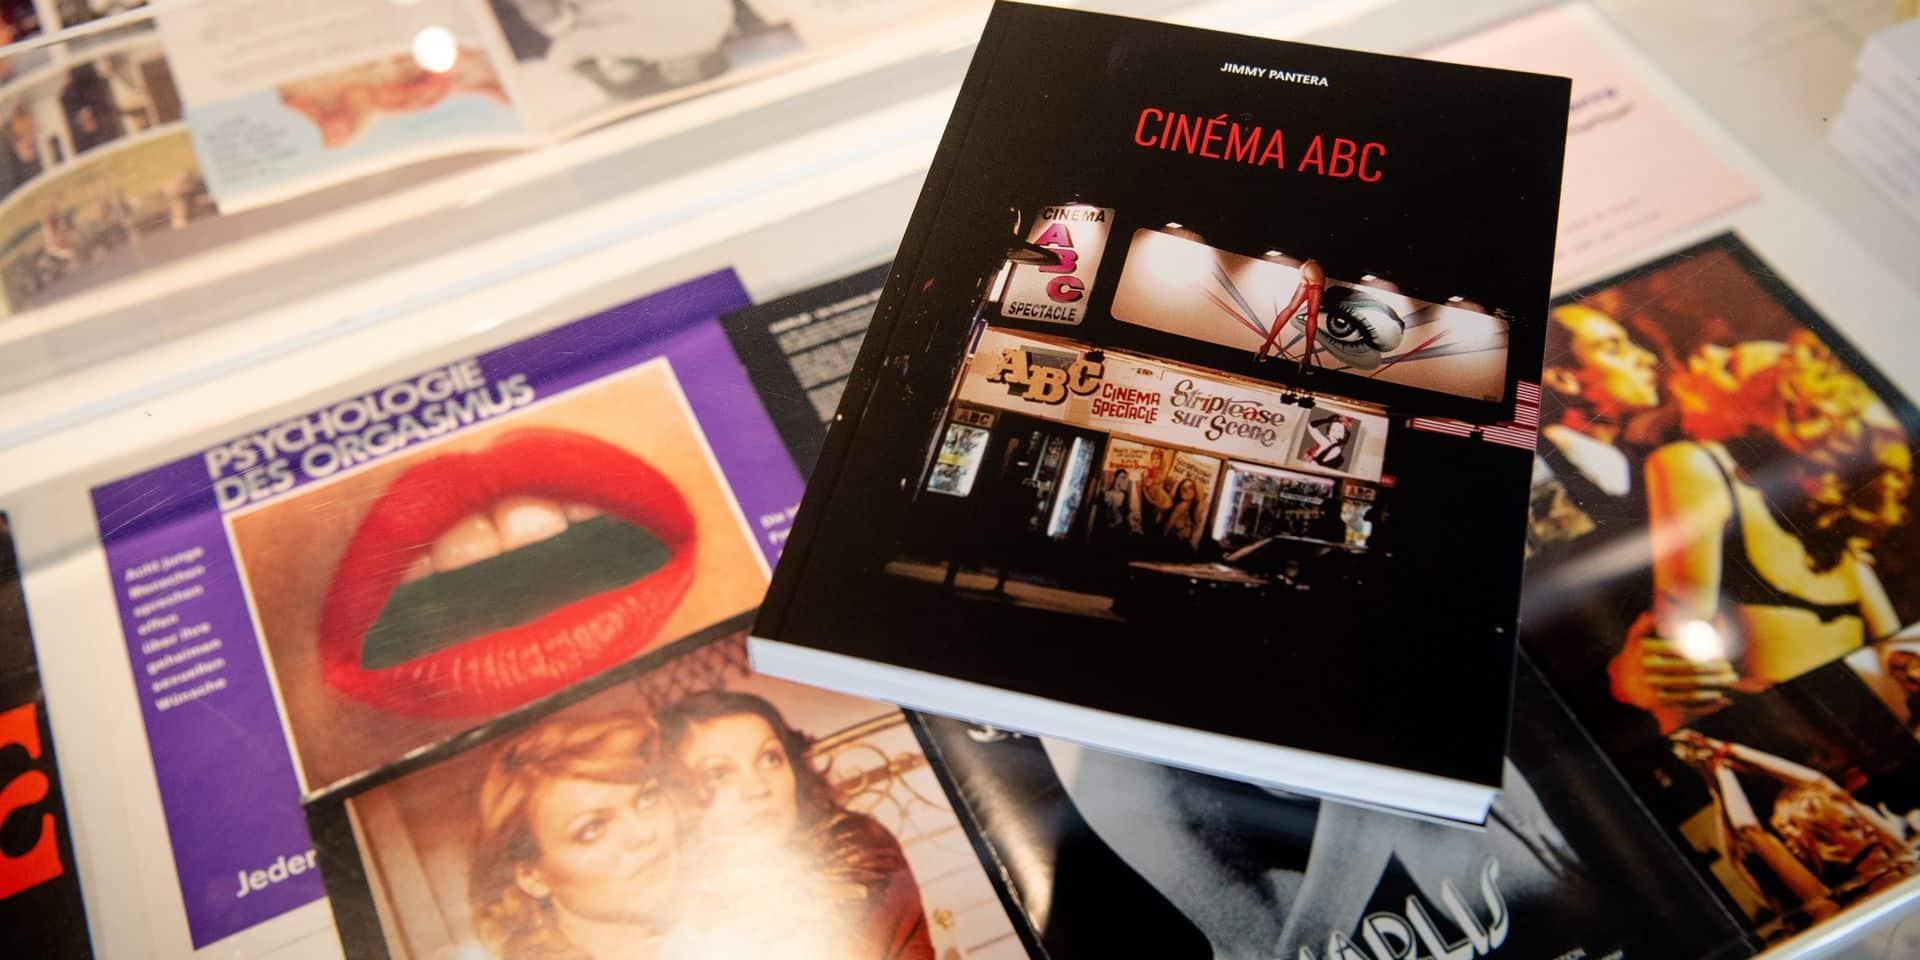 Expositions au MIMA sur un petit cinéma pornographique et de grandes affiches de films